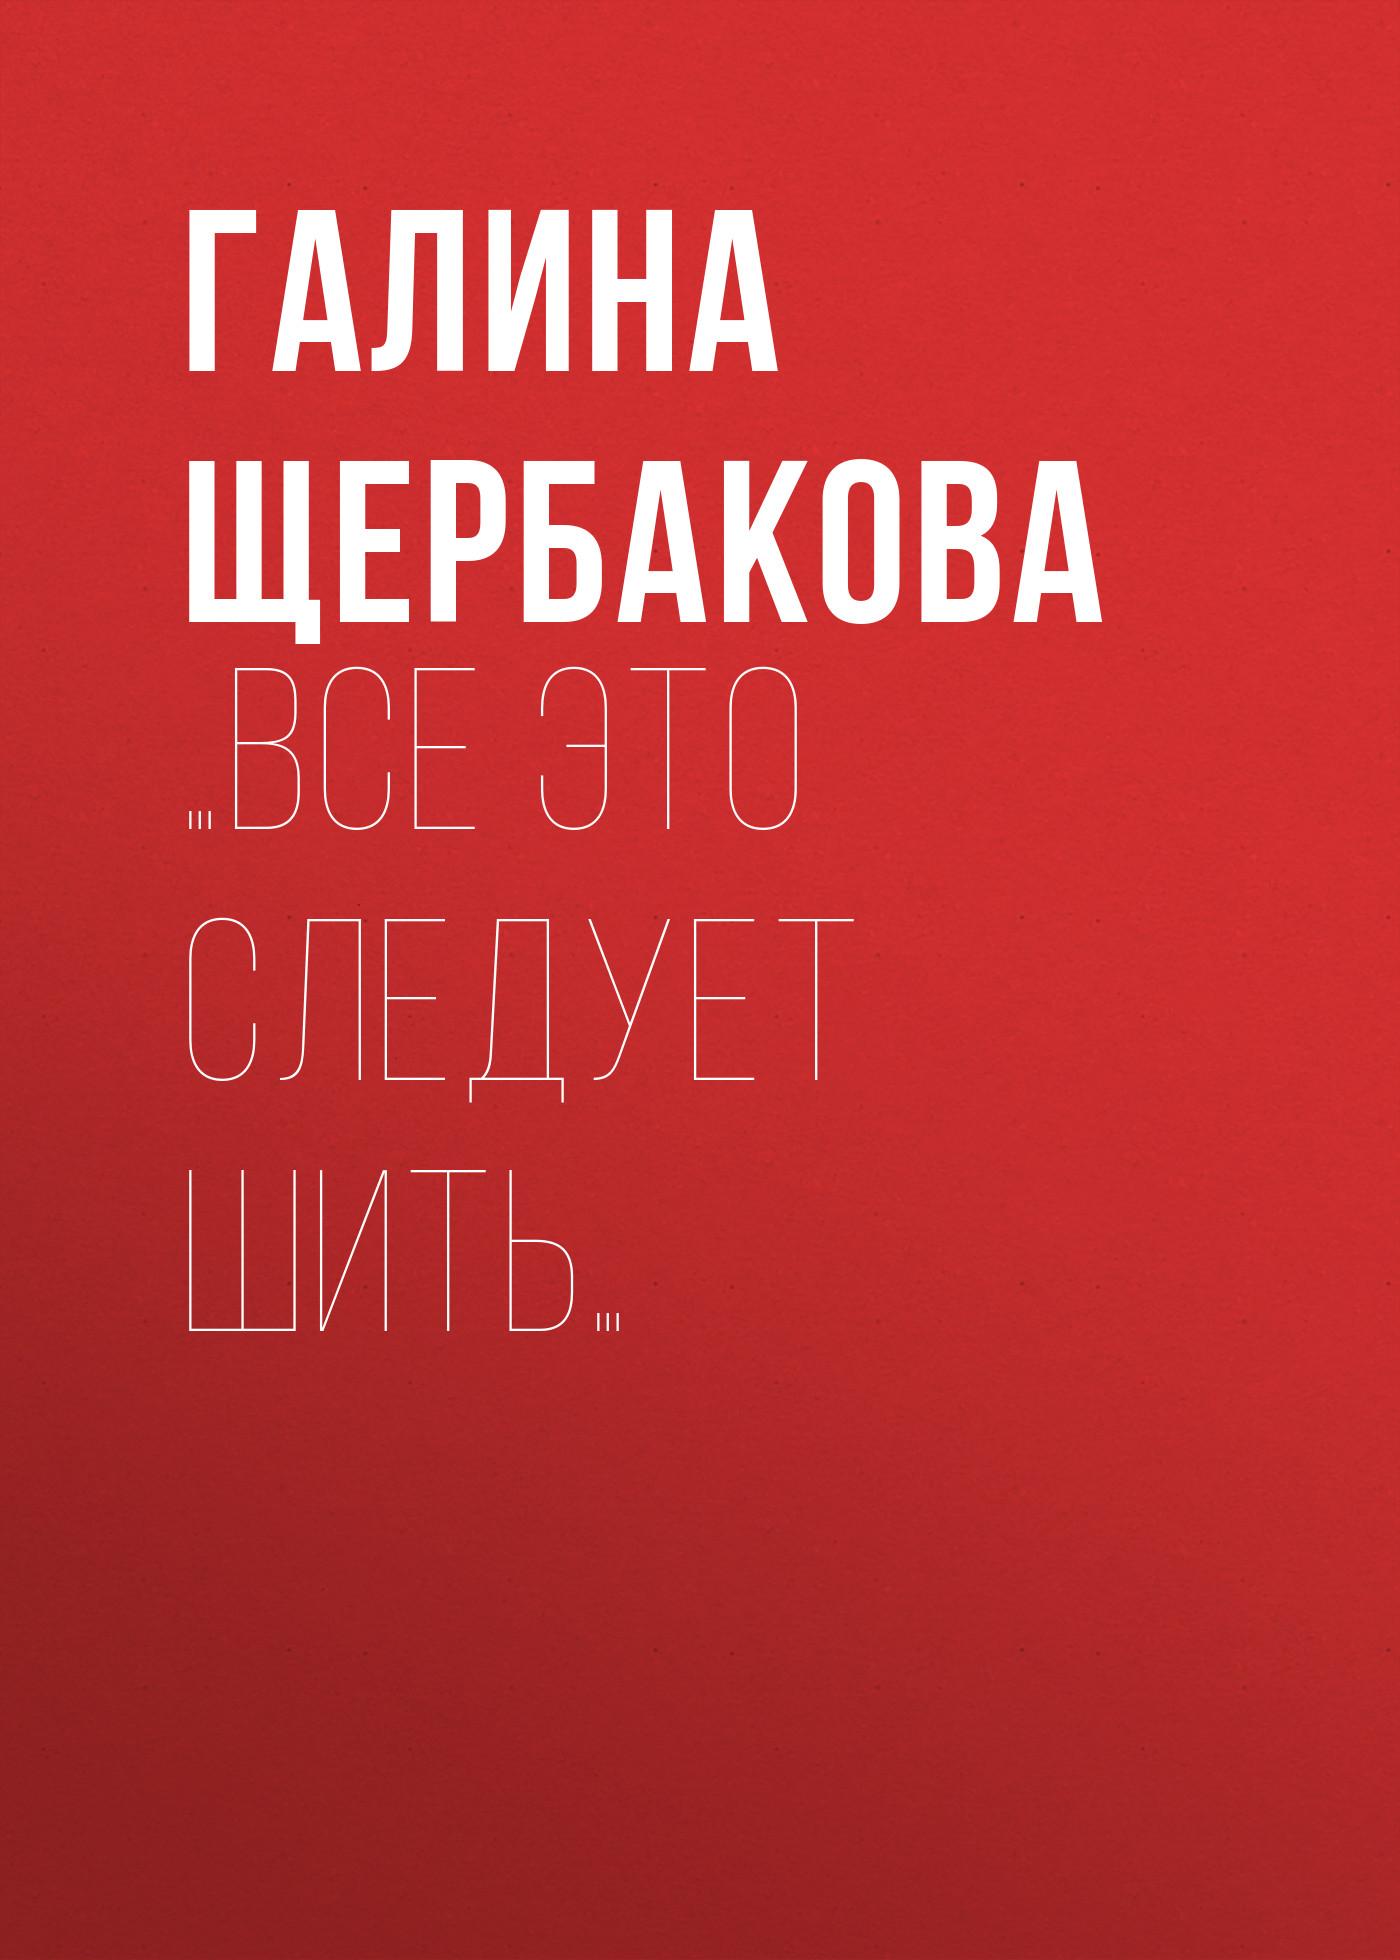 Галина Щербакова …Все это следует шить… галина щербакова год алены